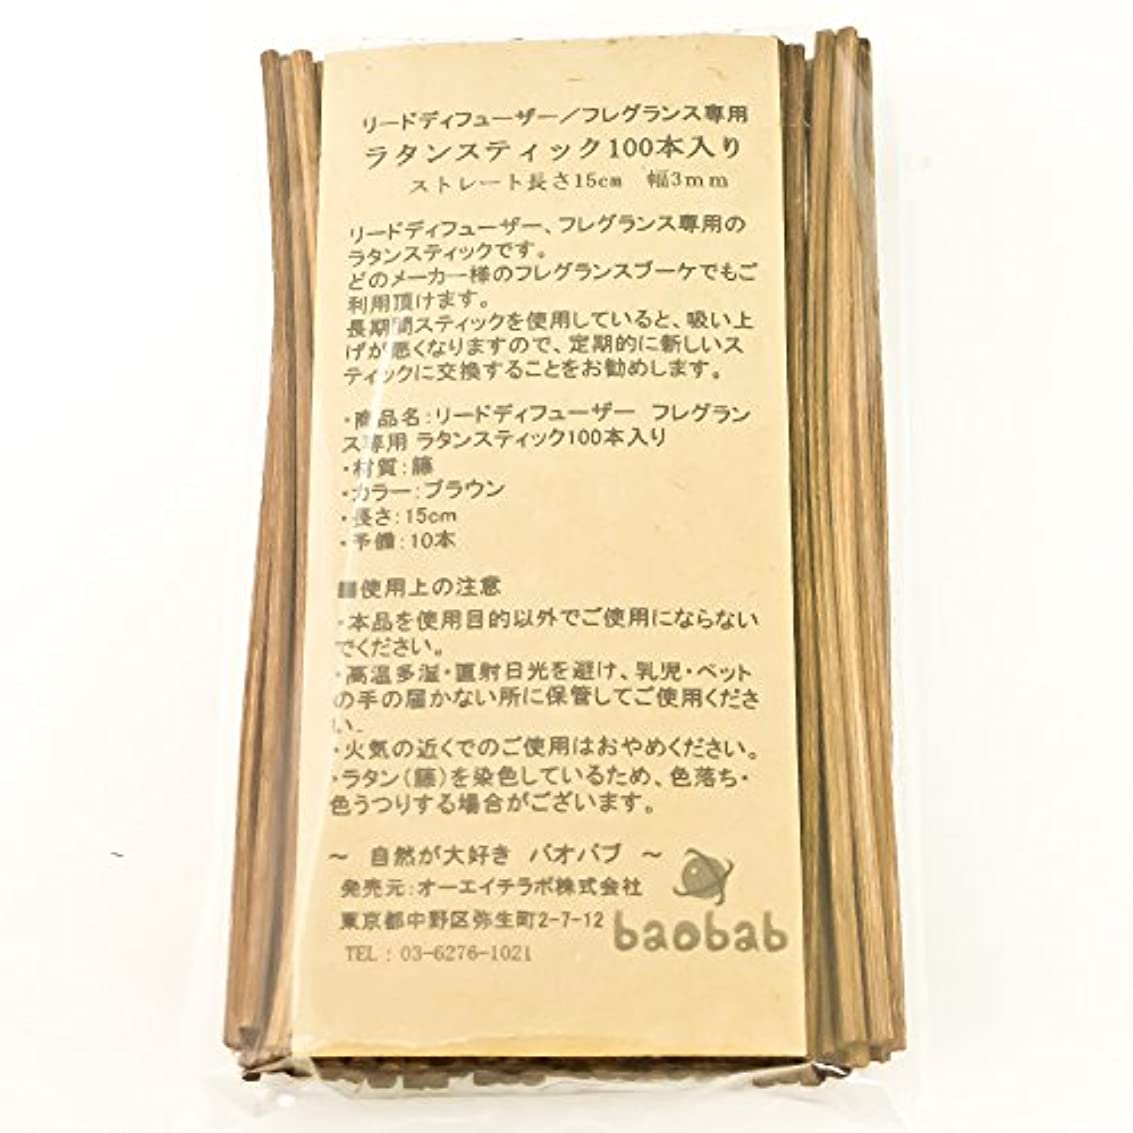 人工トーン乱雑なbaobab(バオバブ) リードディフューザー用 リードスティック リフィル [ラタン スティック] 15㎝ 100本 (ブラウン)